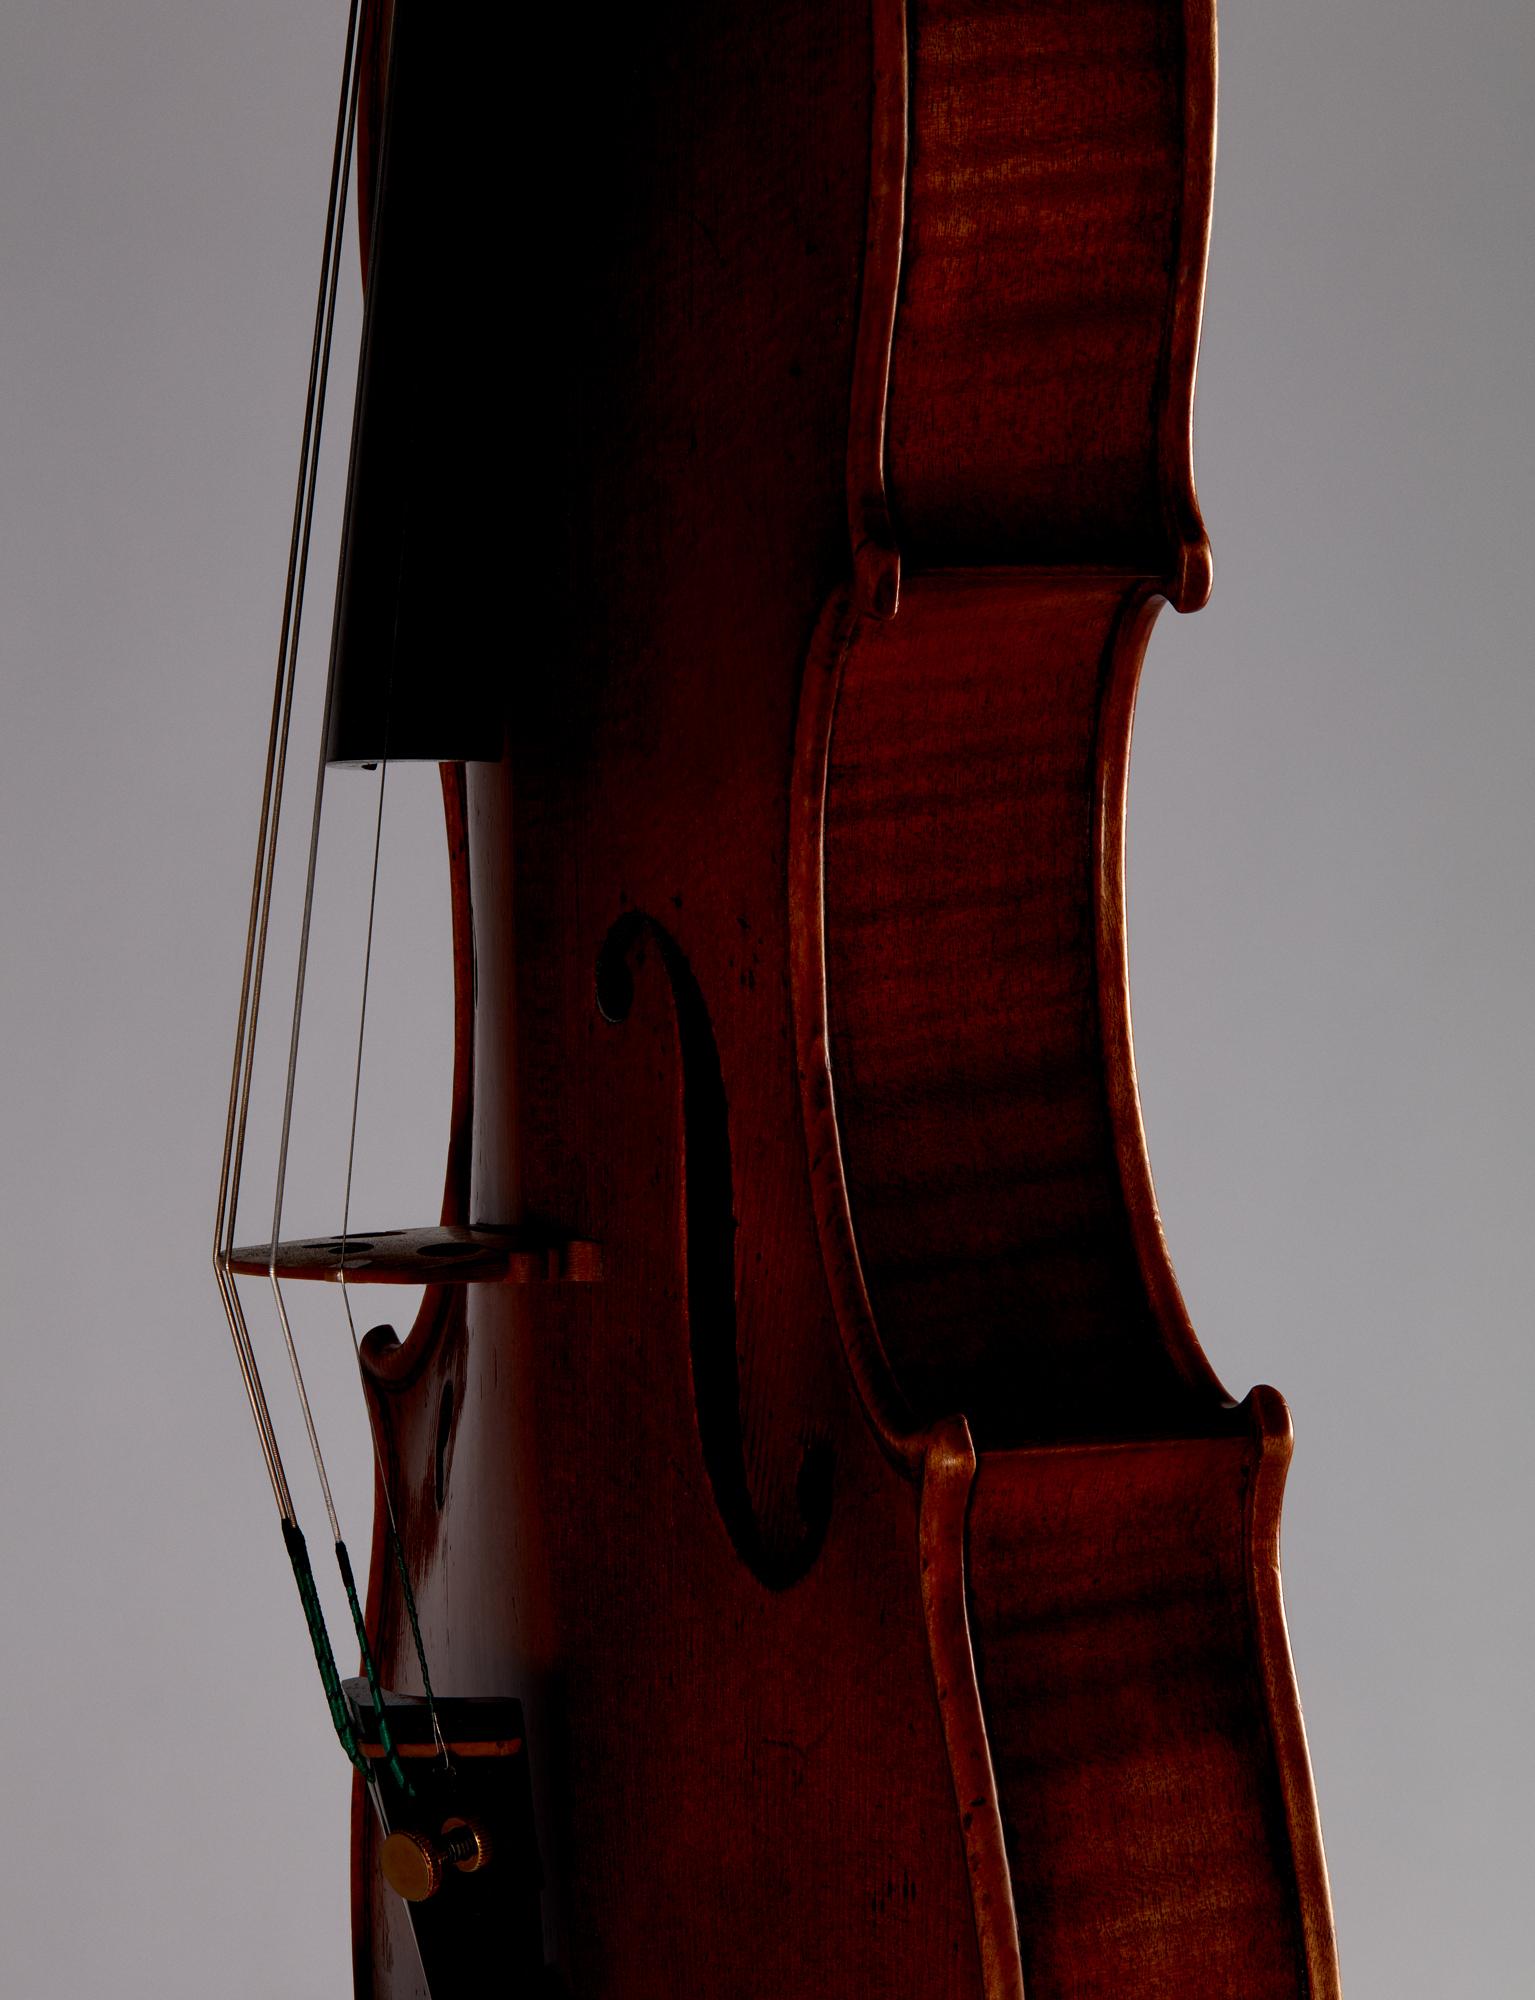 Andy Mackie - Violin